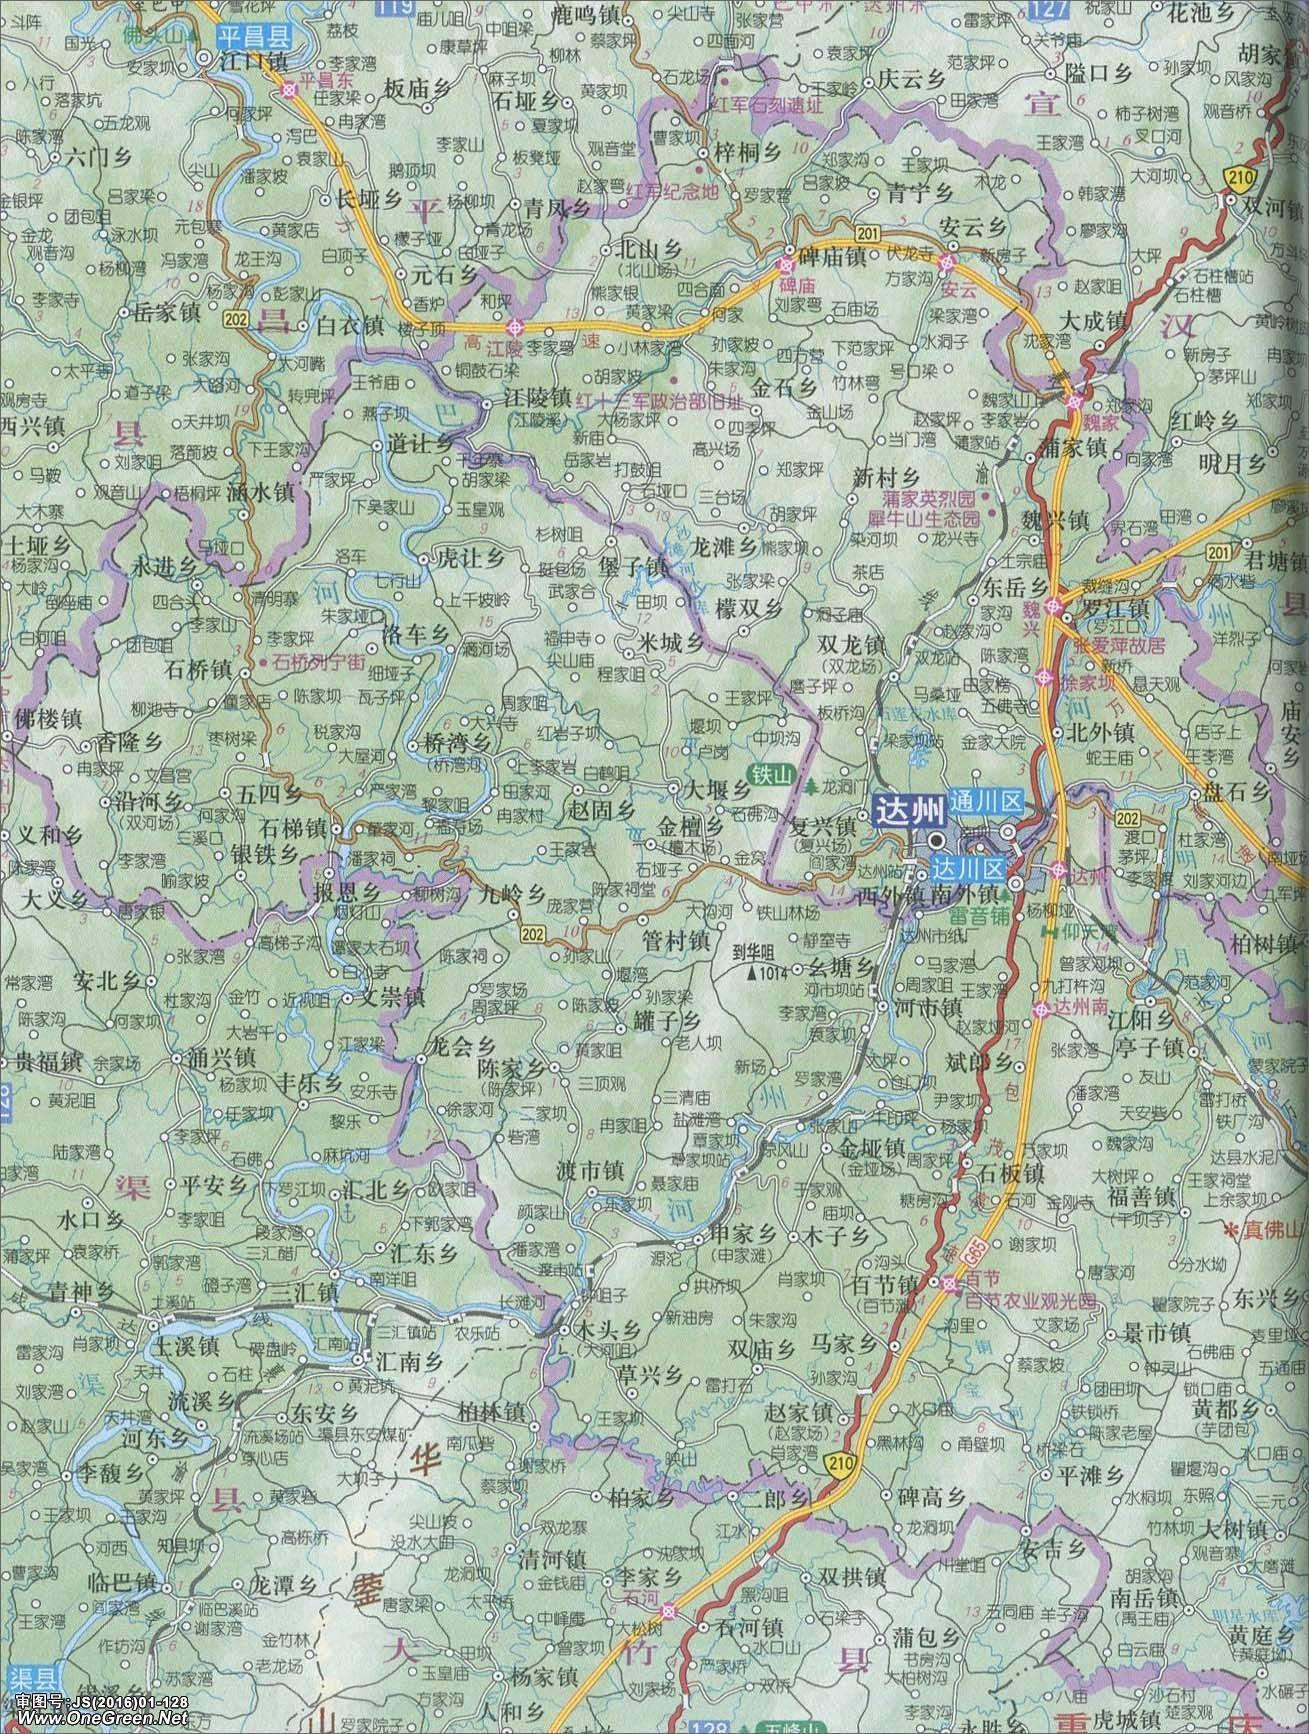 通川区 达川区地图